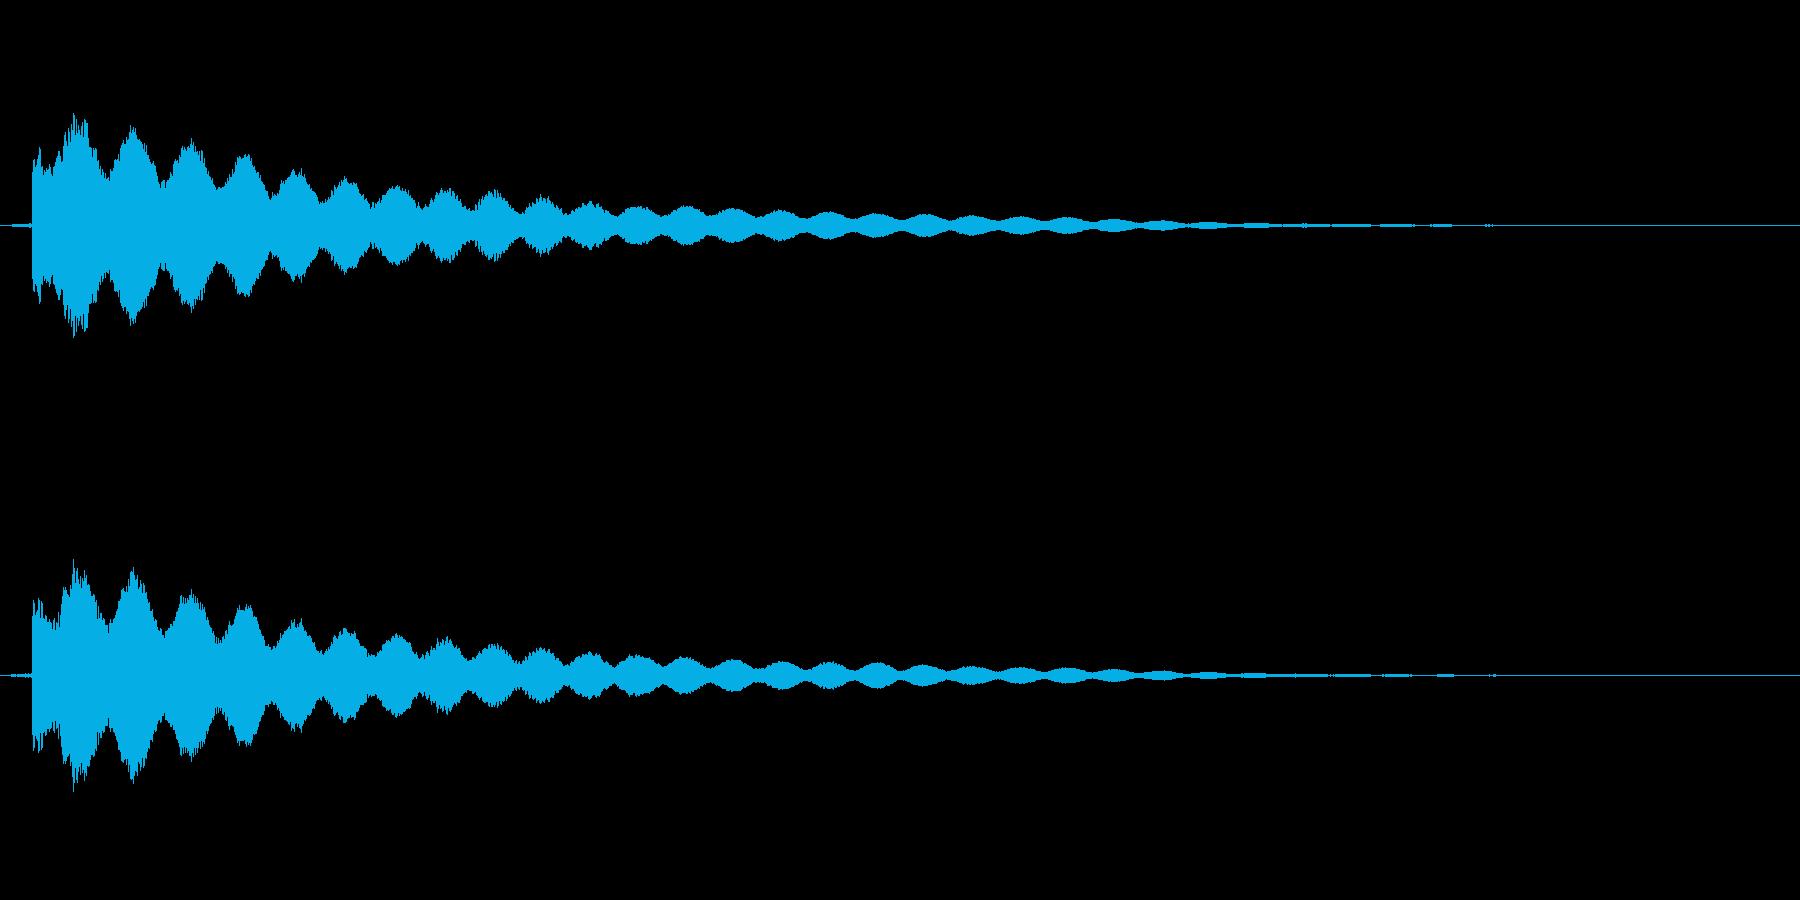 キュピーン(ひらめく、眼鏡が光る音など)の再生済みの波形